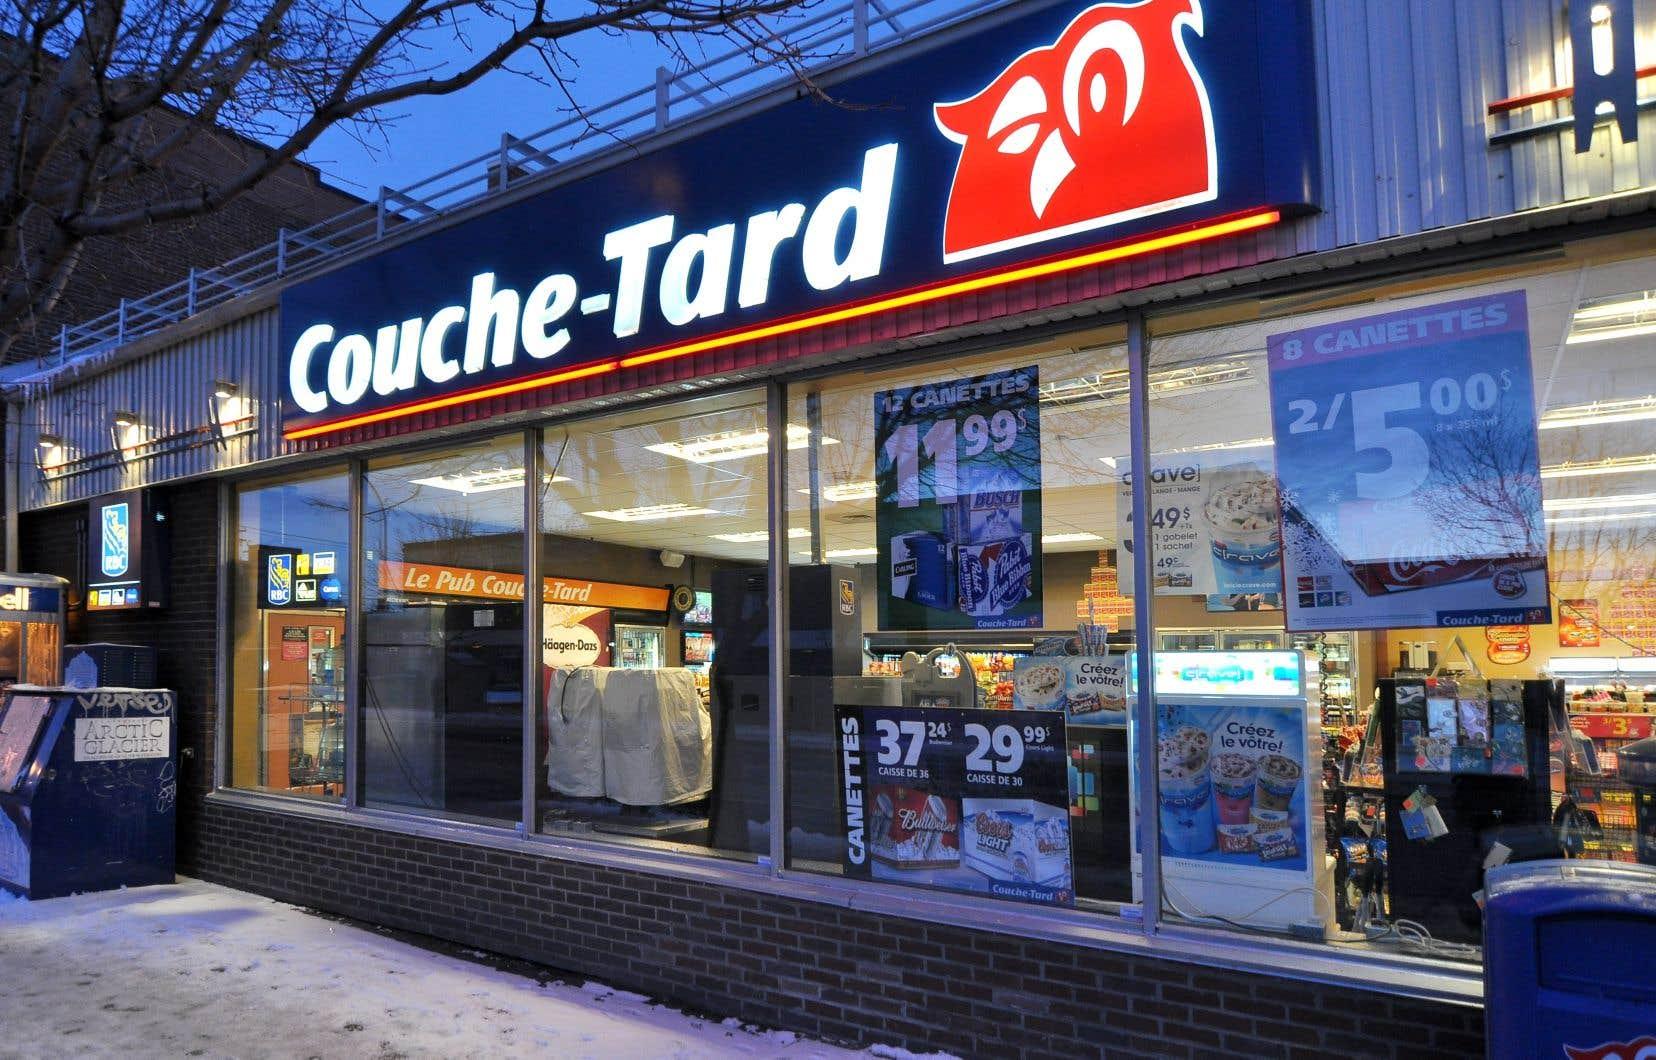 Le profit ajusté de Couche-Tard s'est établi à 458 millions, ou 80 ¢US par action, pour le trimestre terminé le 15 octobre, ce qui constitue une hausse d'environ 40%.